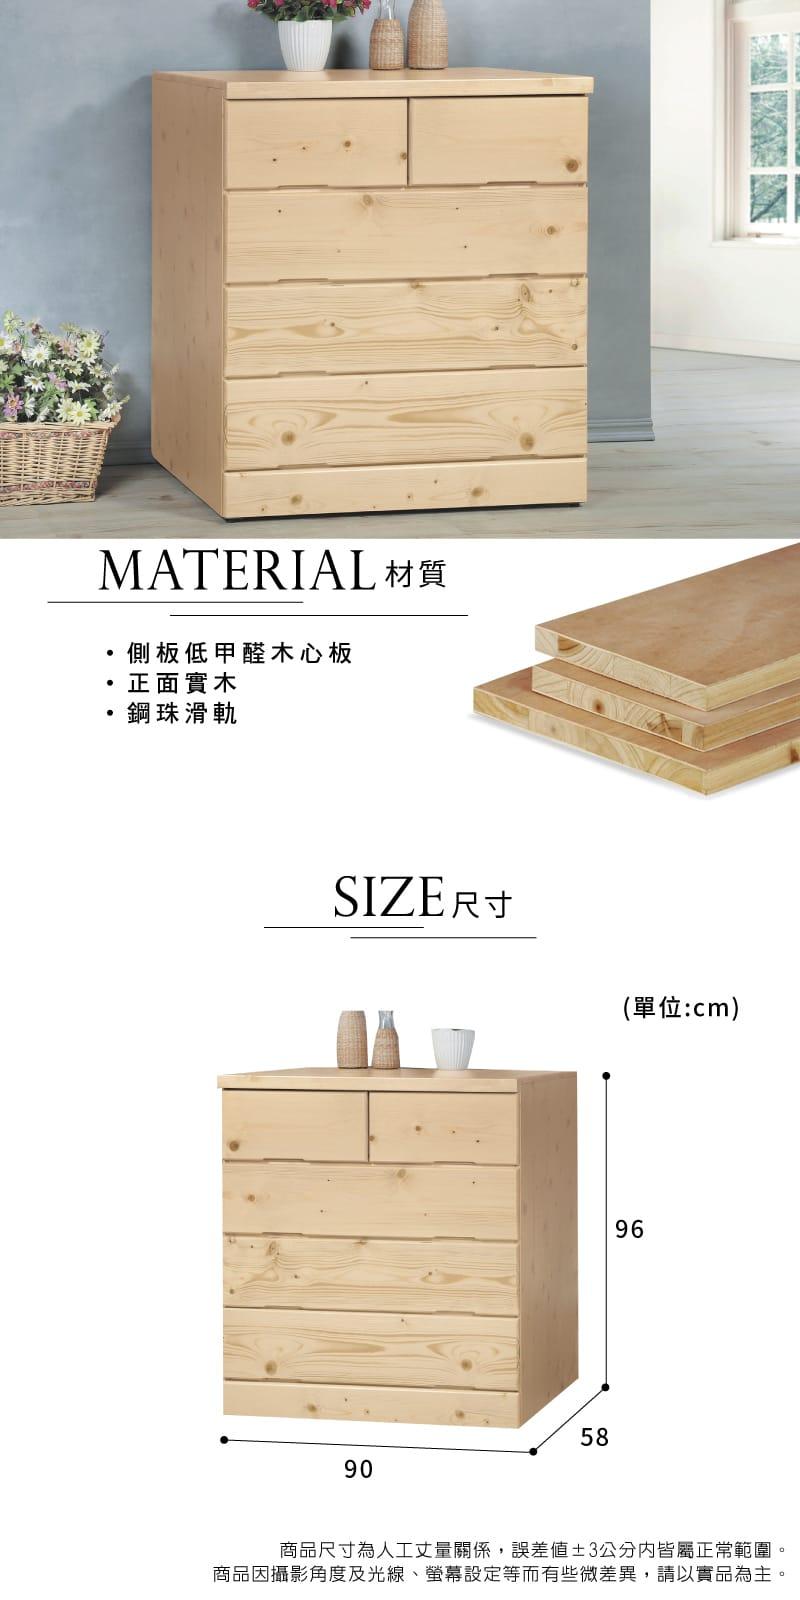 松木收納置物四斗櫃 寬90cm